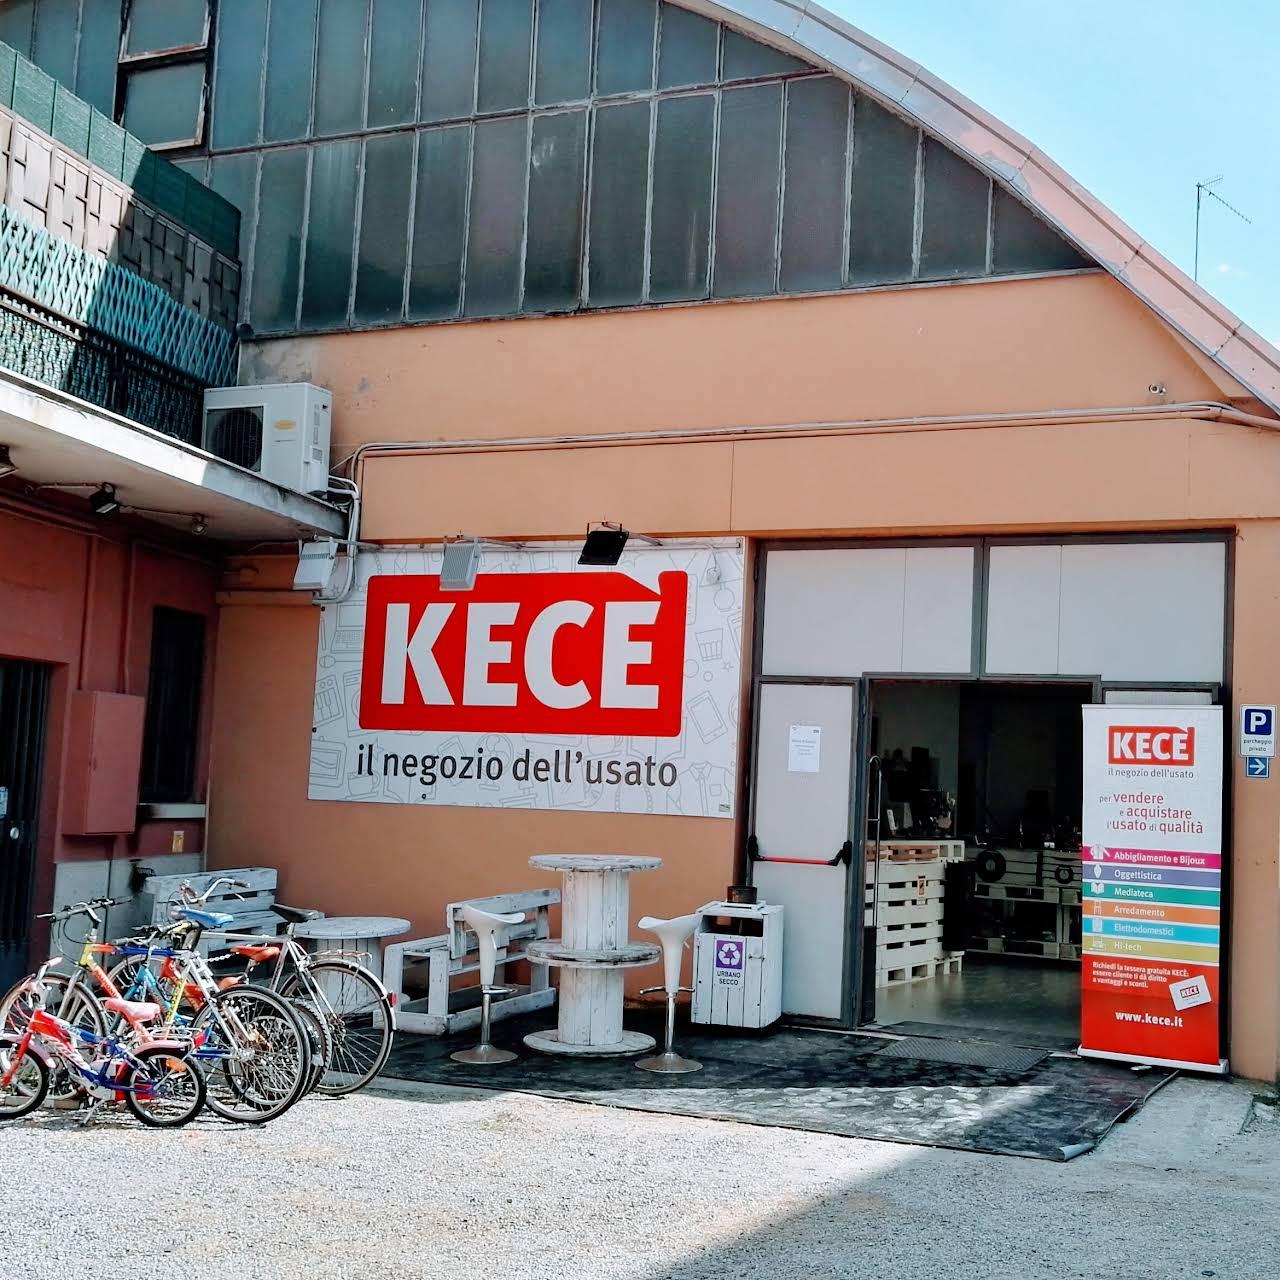 Kecè Parma - Mercatino dell\'usato a Parma